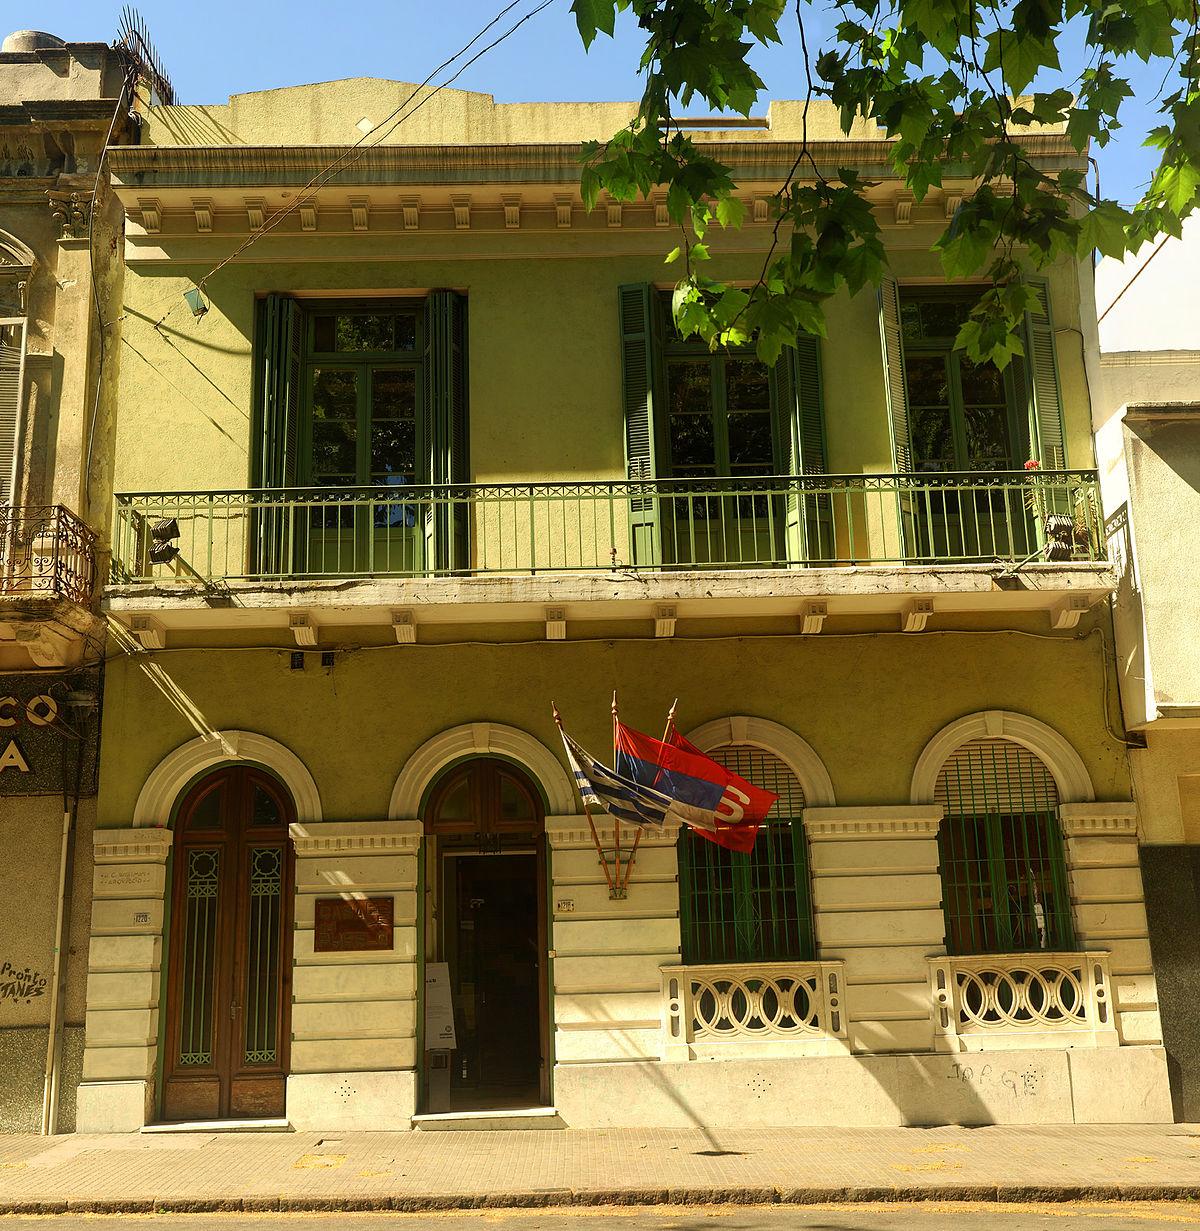 Casa del pueblo uruguay wikipedia la enciclopedia libre - Fachadas de casas de pueblo ...